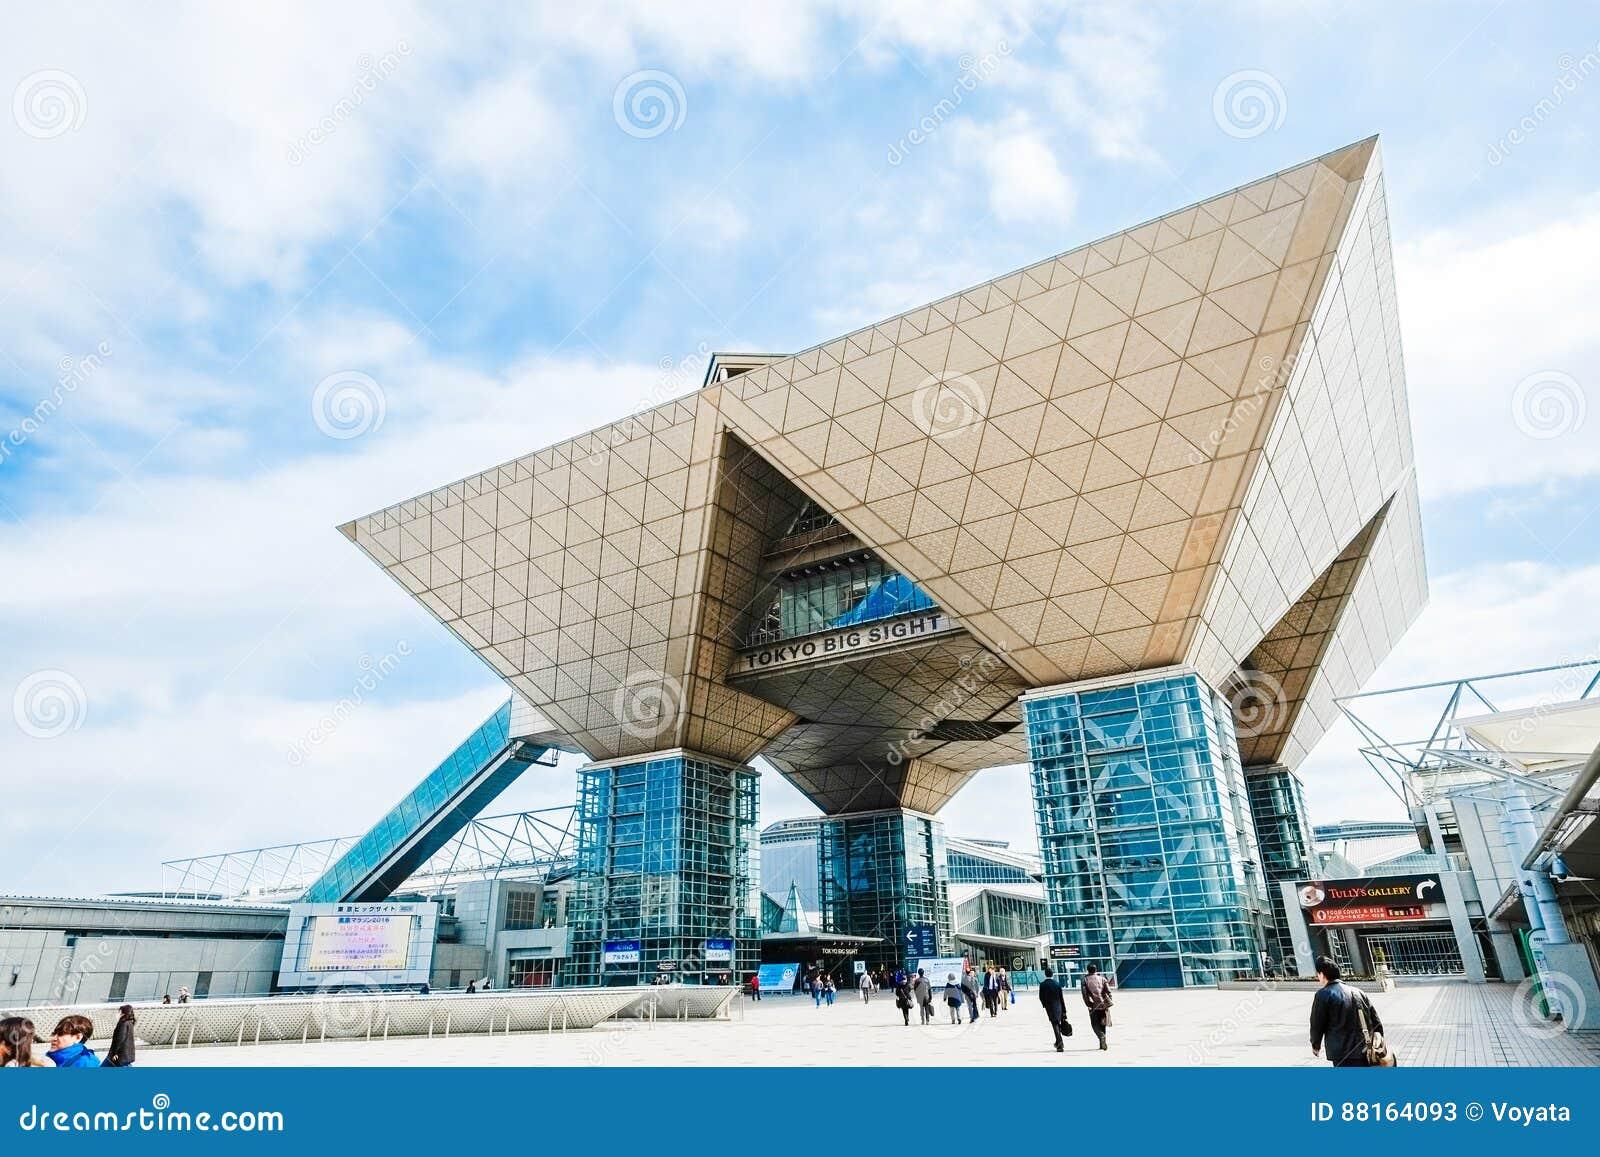 Tokyo International Exhibition Center Tokyo Big Sight in Ariake, Tokyo.